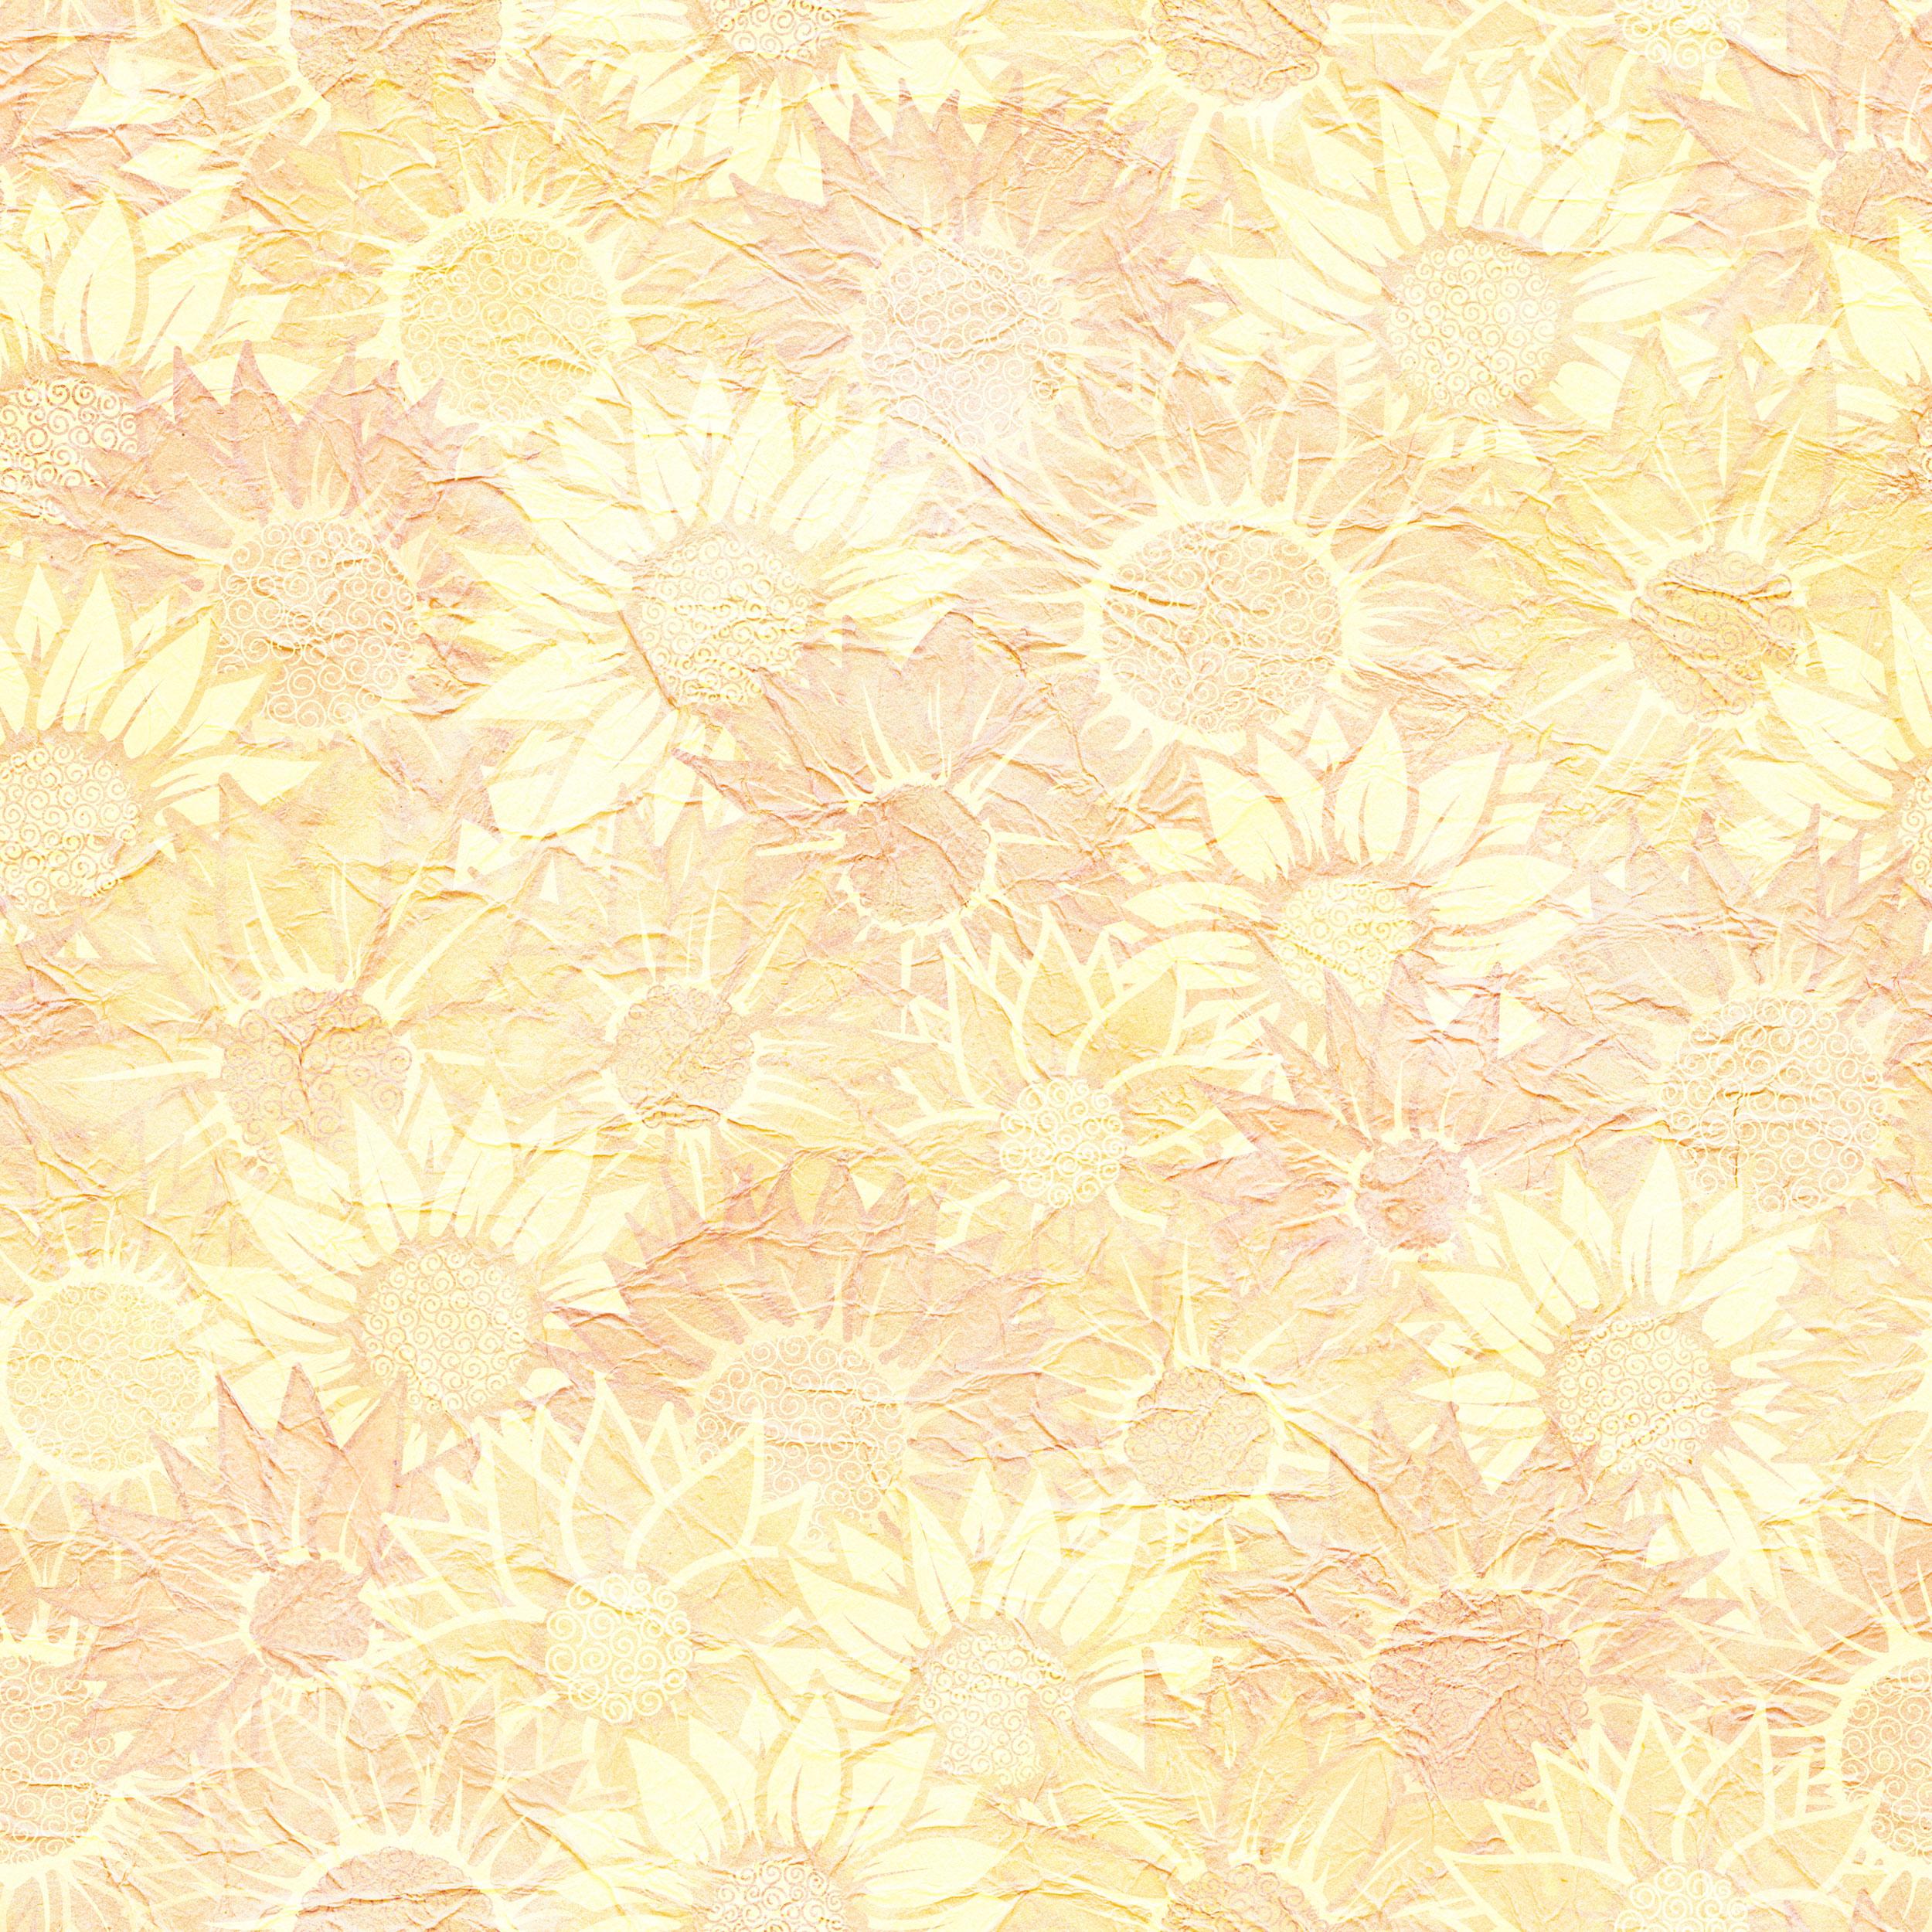 壁紙 背景イラスト 花の模様 柄 パターン No 381 ひまわり テクスチャ